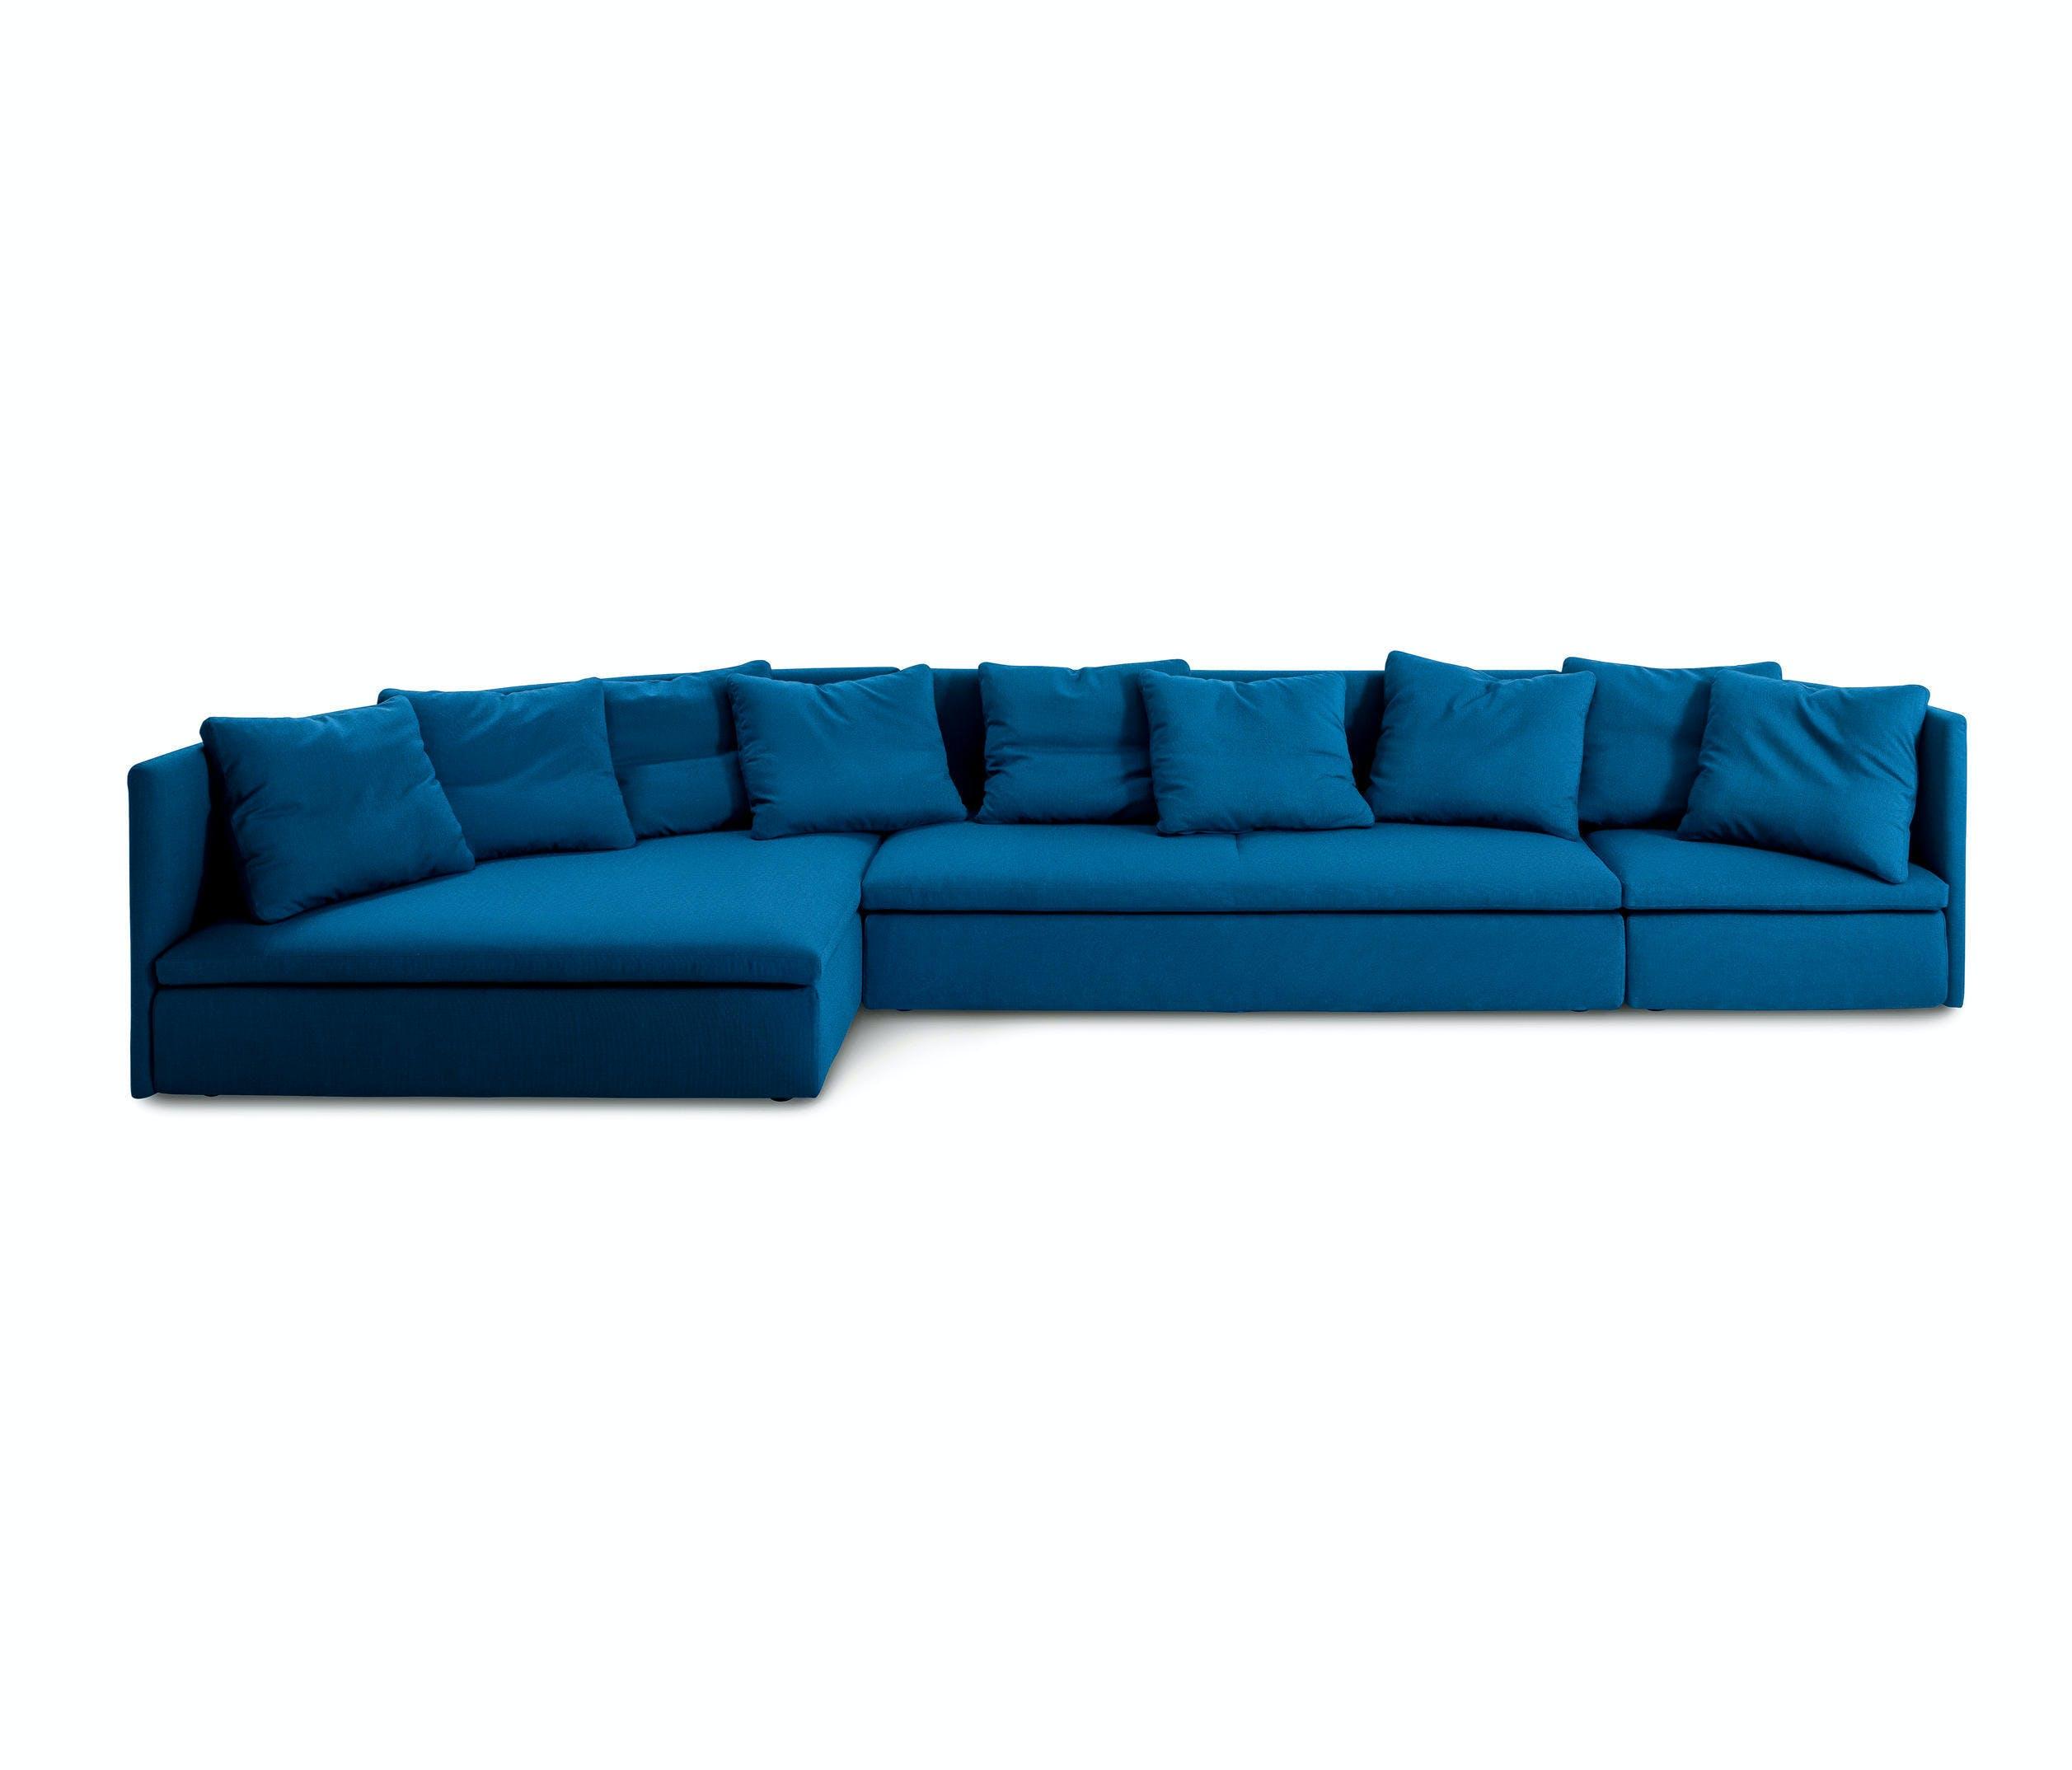 Arflex Blue Mangold Modular Sofa Haute Living